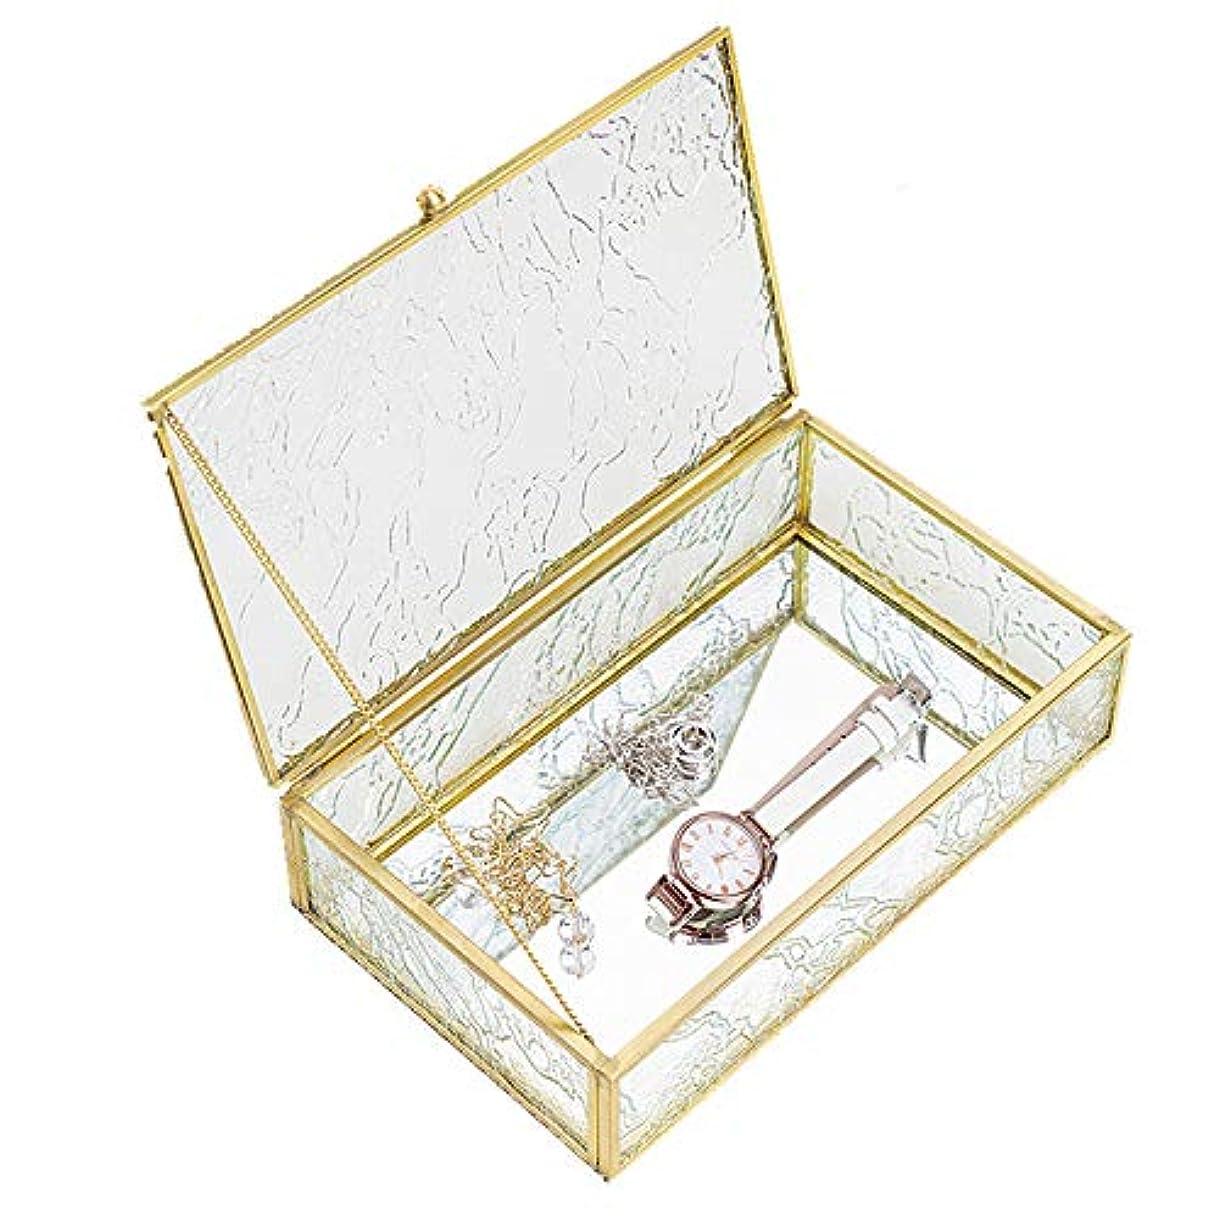 プレーヤー試験同志アクセサリーケース ジュエリーボックス 化粧品収納ボックスCC DECORガラスケース アクリルケース (透明なガラス, ガラス)